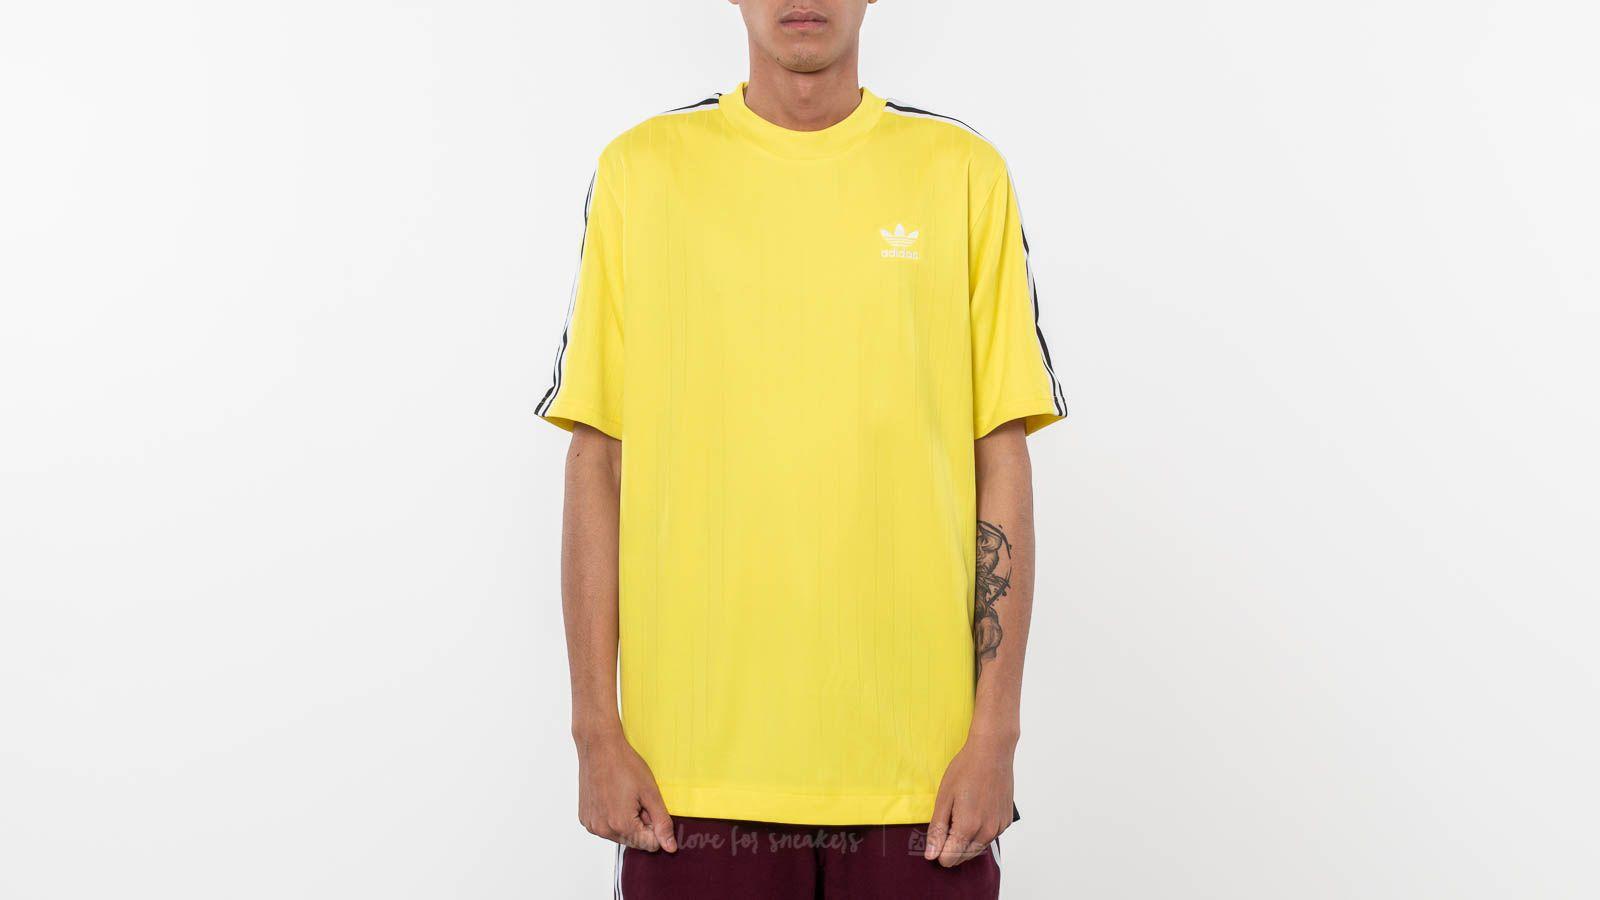 Trampolín lo hizo evitar  T-shirts adidas Originals B-Side Jersey 2 Tee Yellow | Footshop